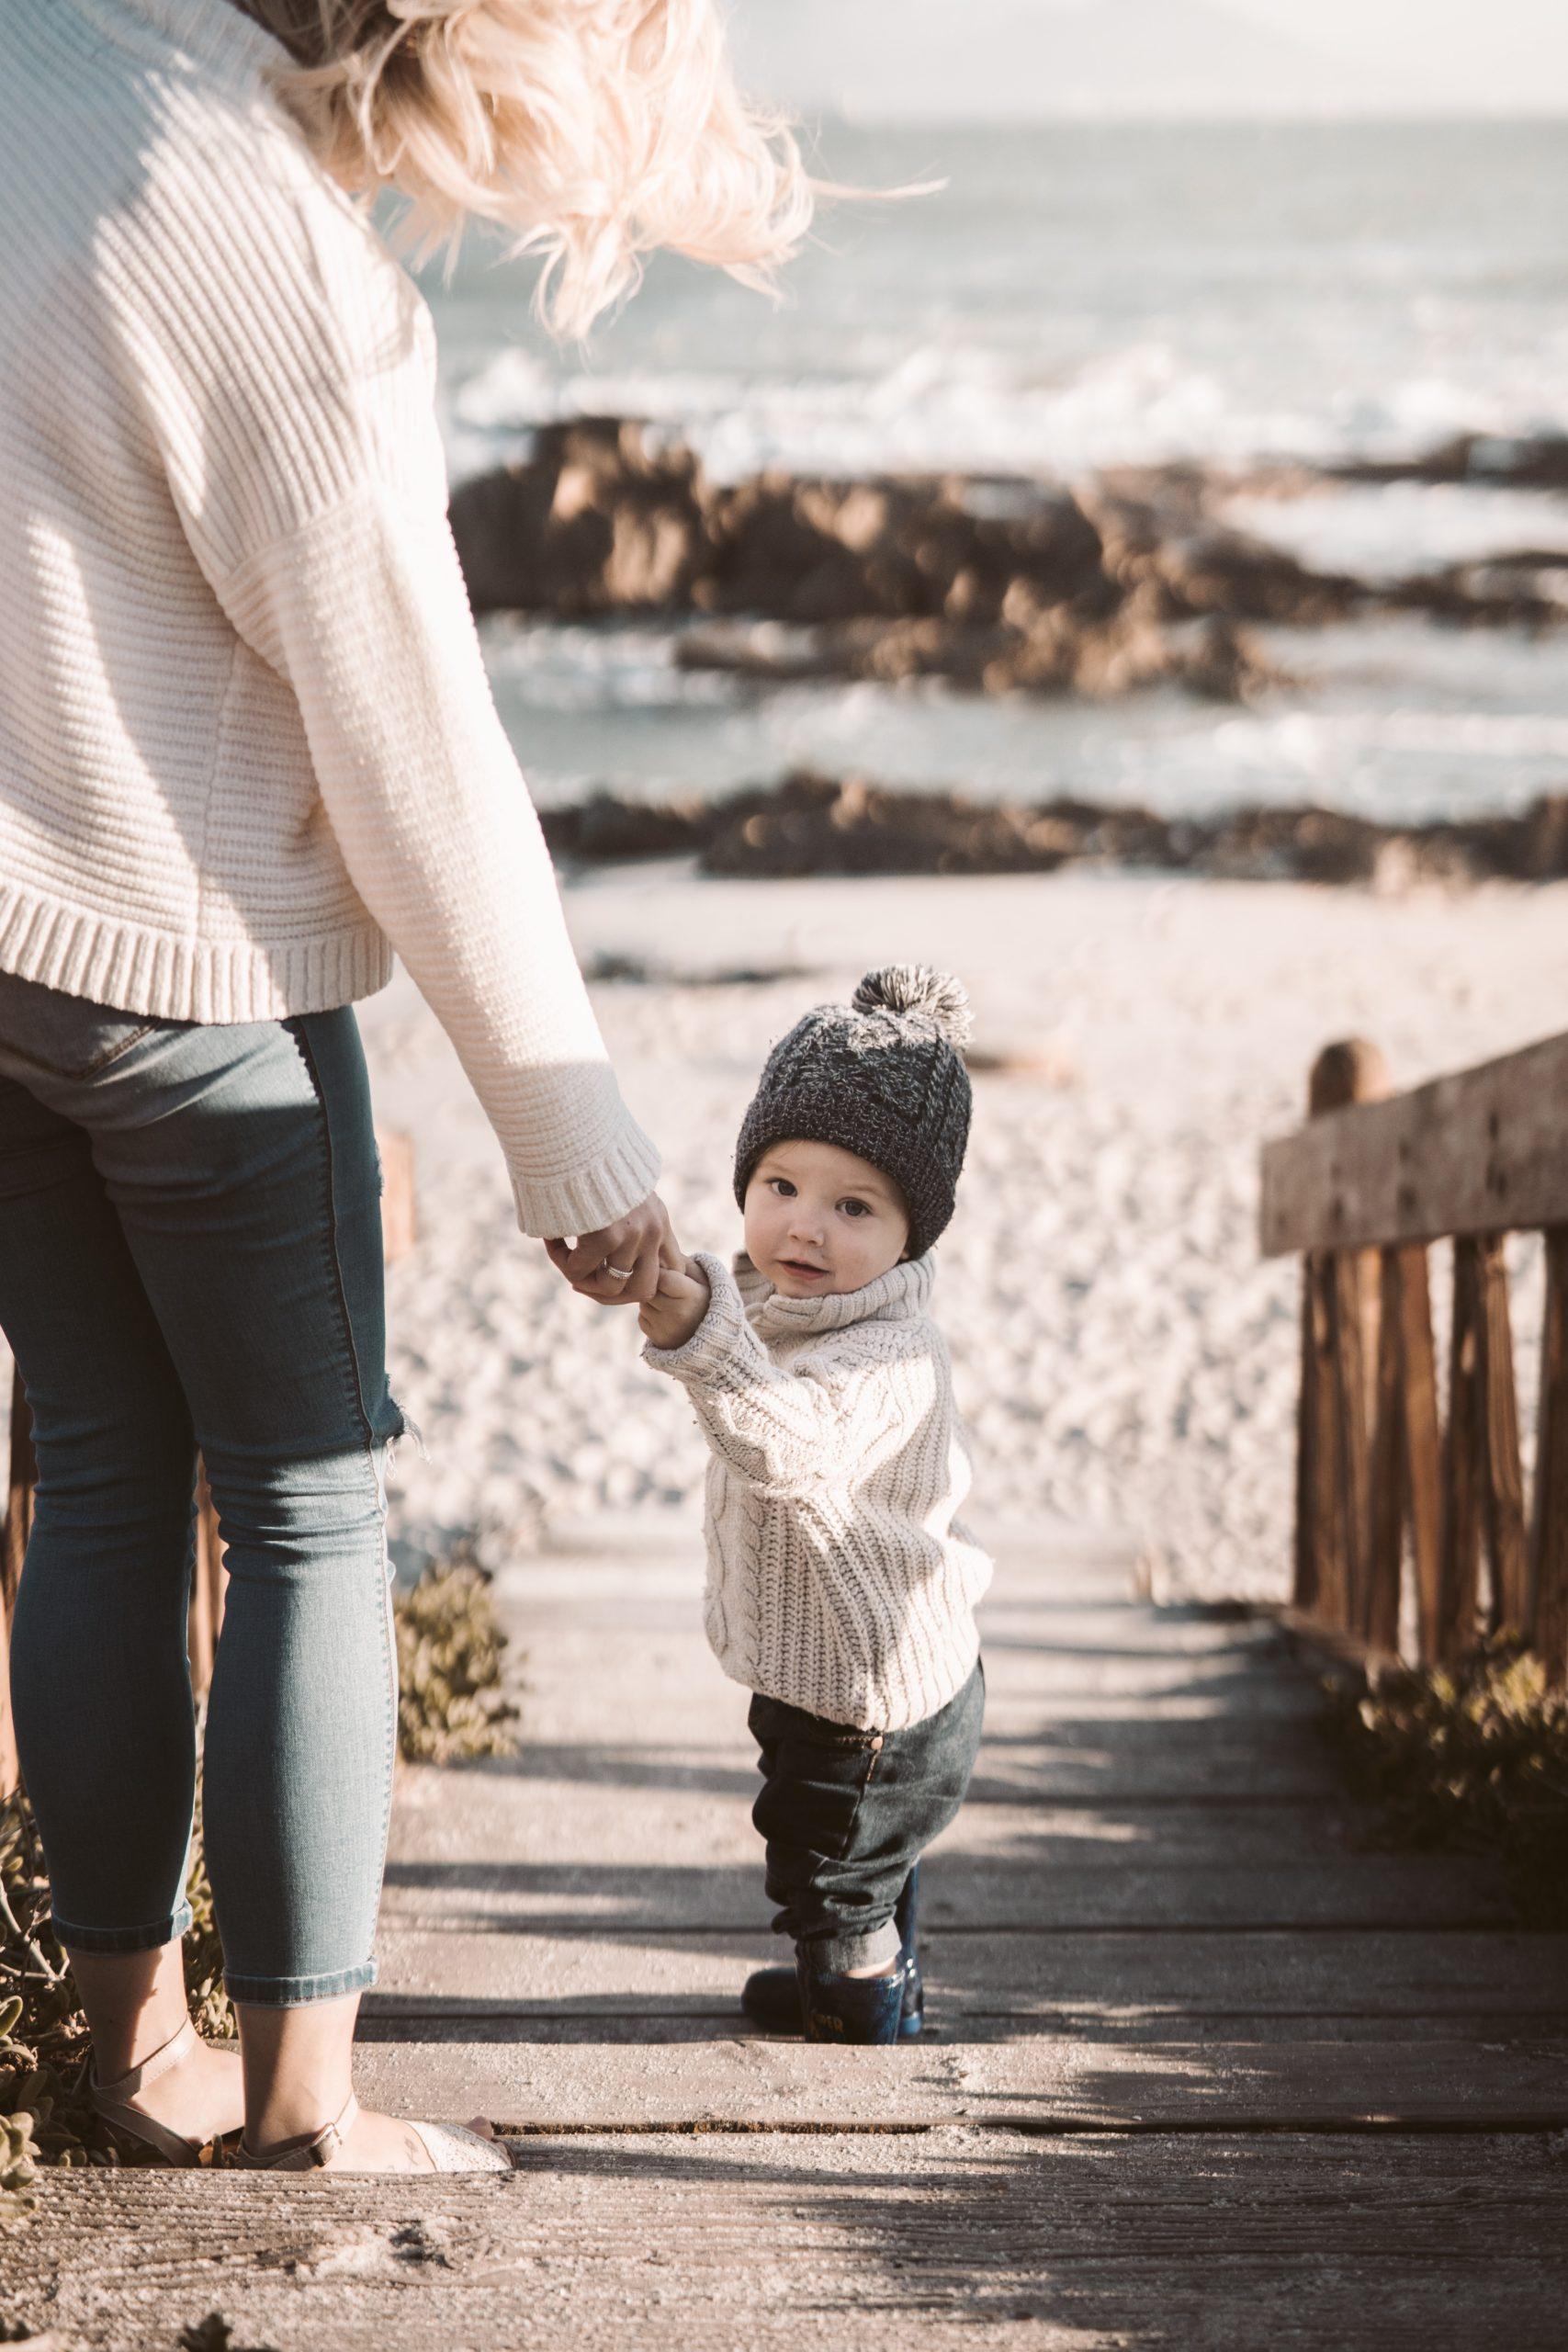 Mutter mit Baby am Strand - Nordseeinseln.net - deine